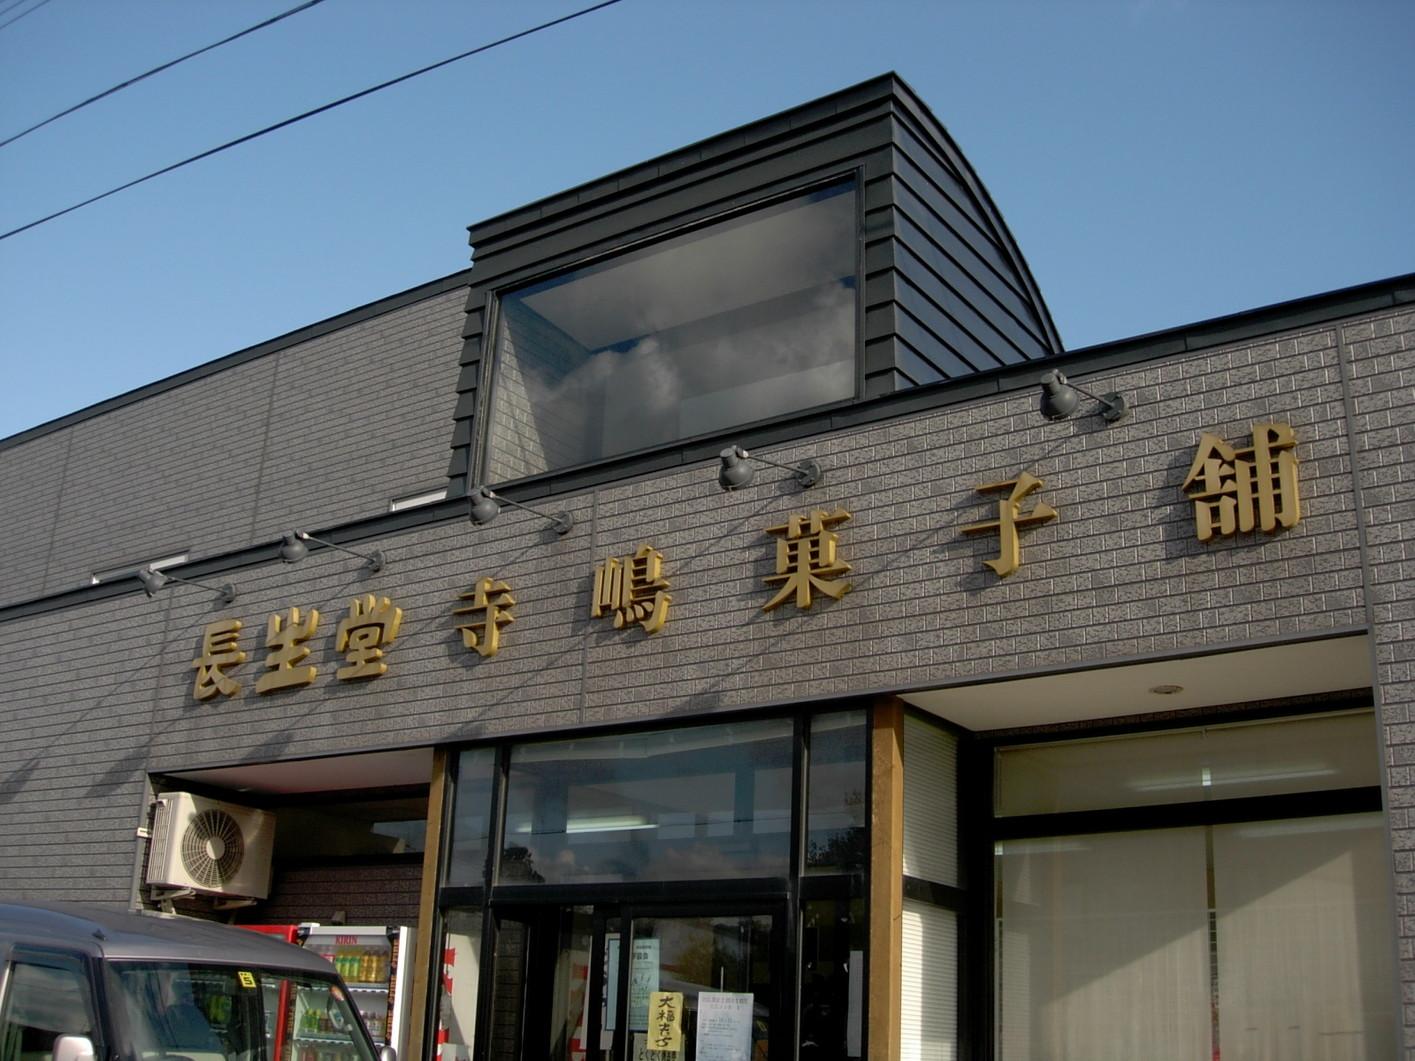 長生堂寺嶋菓子舗